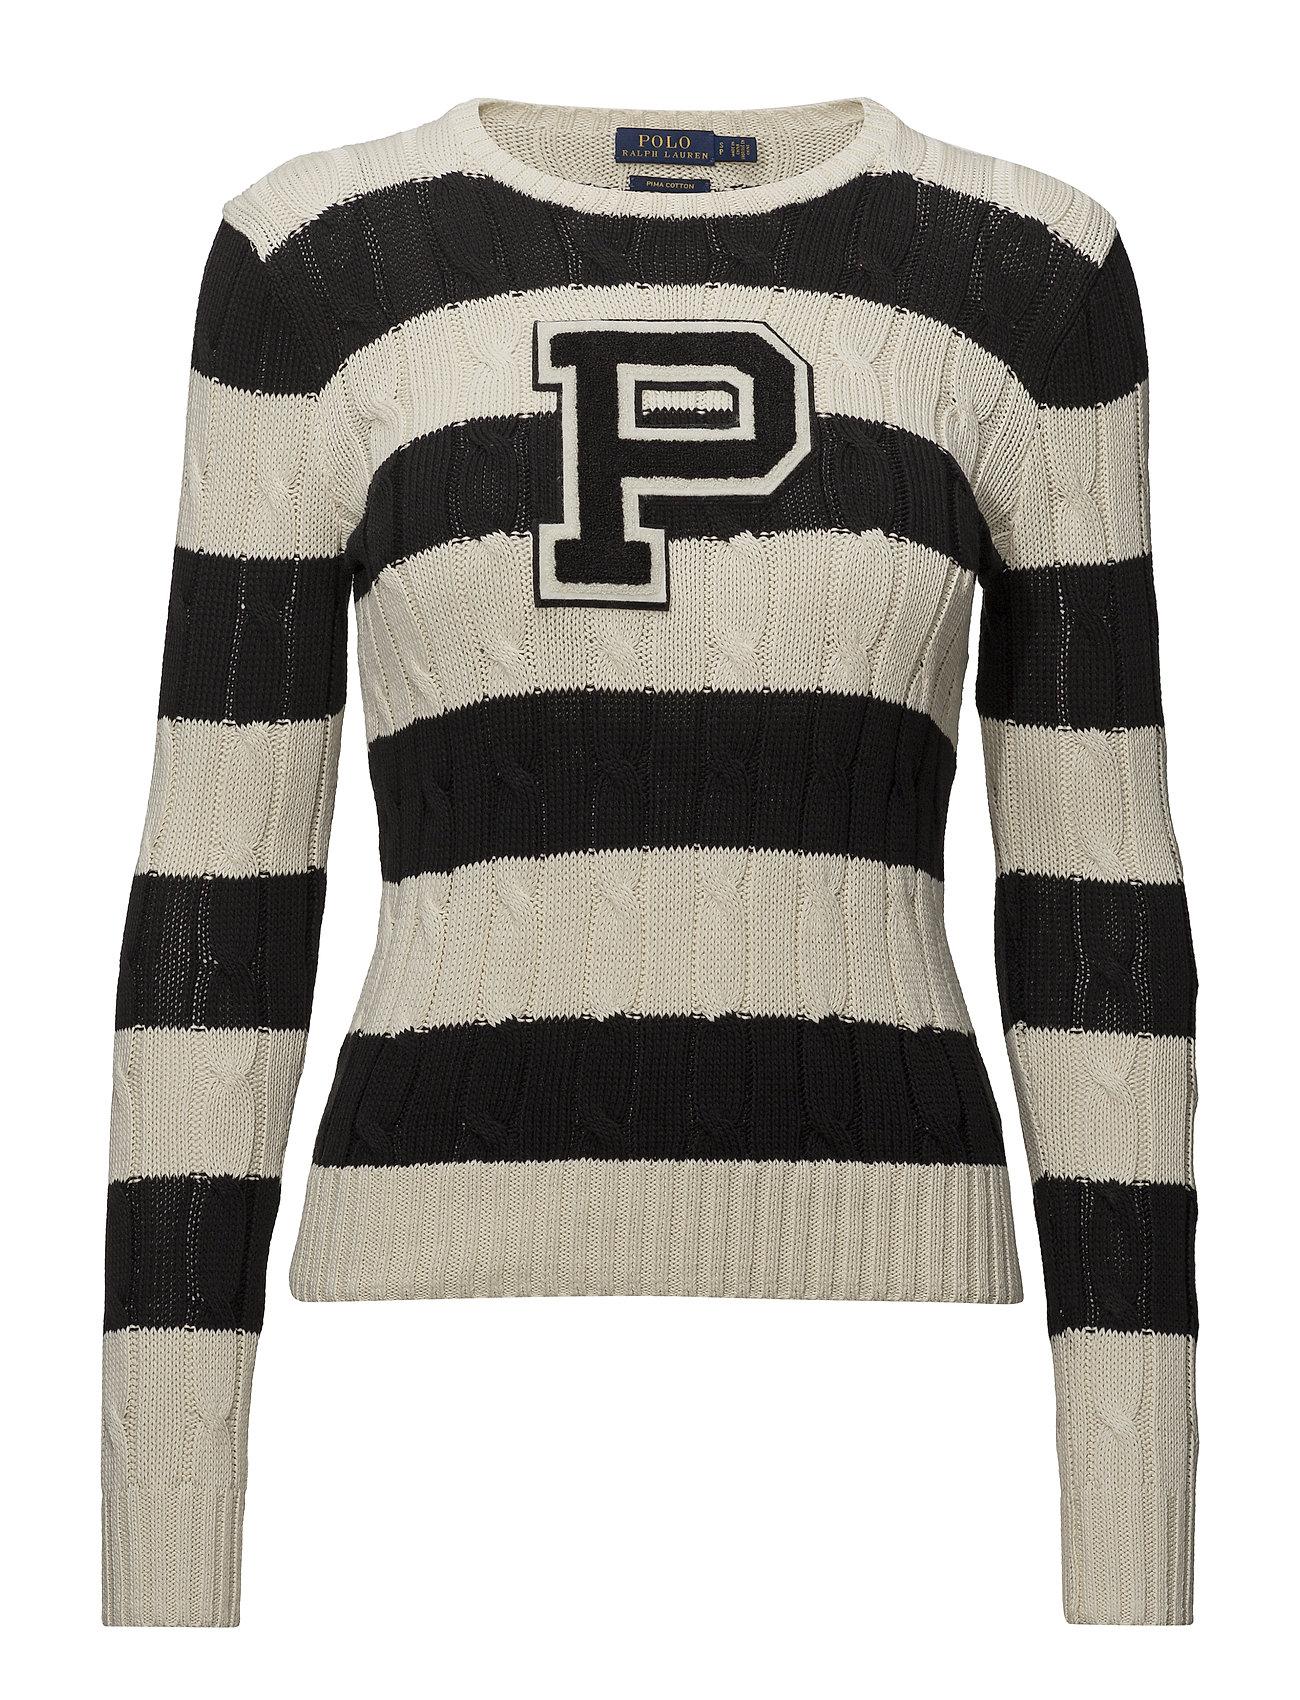 52e3f992f Patch Striped Cotton Sweater (Cream polo Black) (£105) - Polo Ralph ...